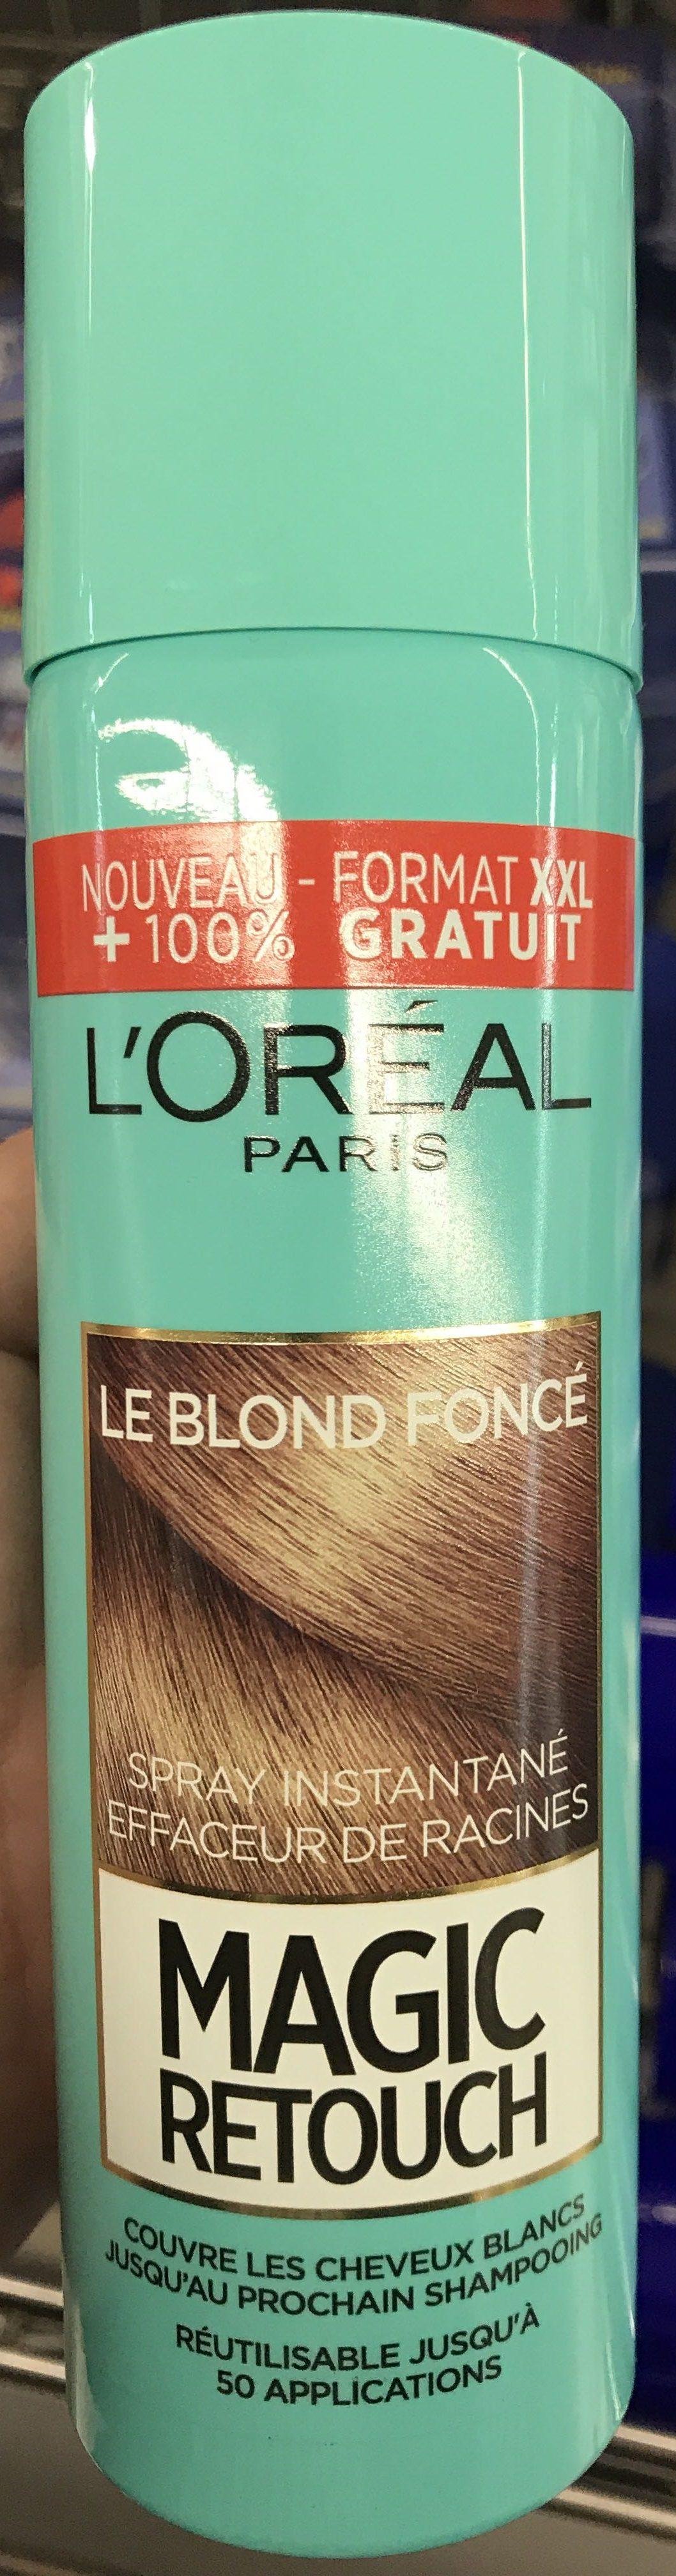 Le Blond Foncé Magic Retouch (format XXL) - Product - fr